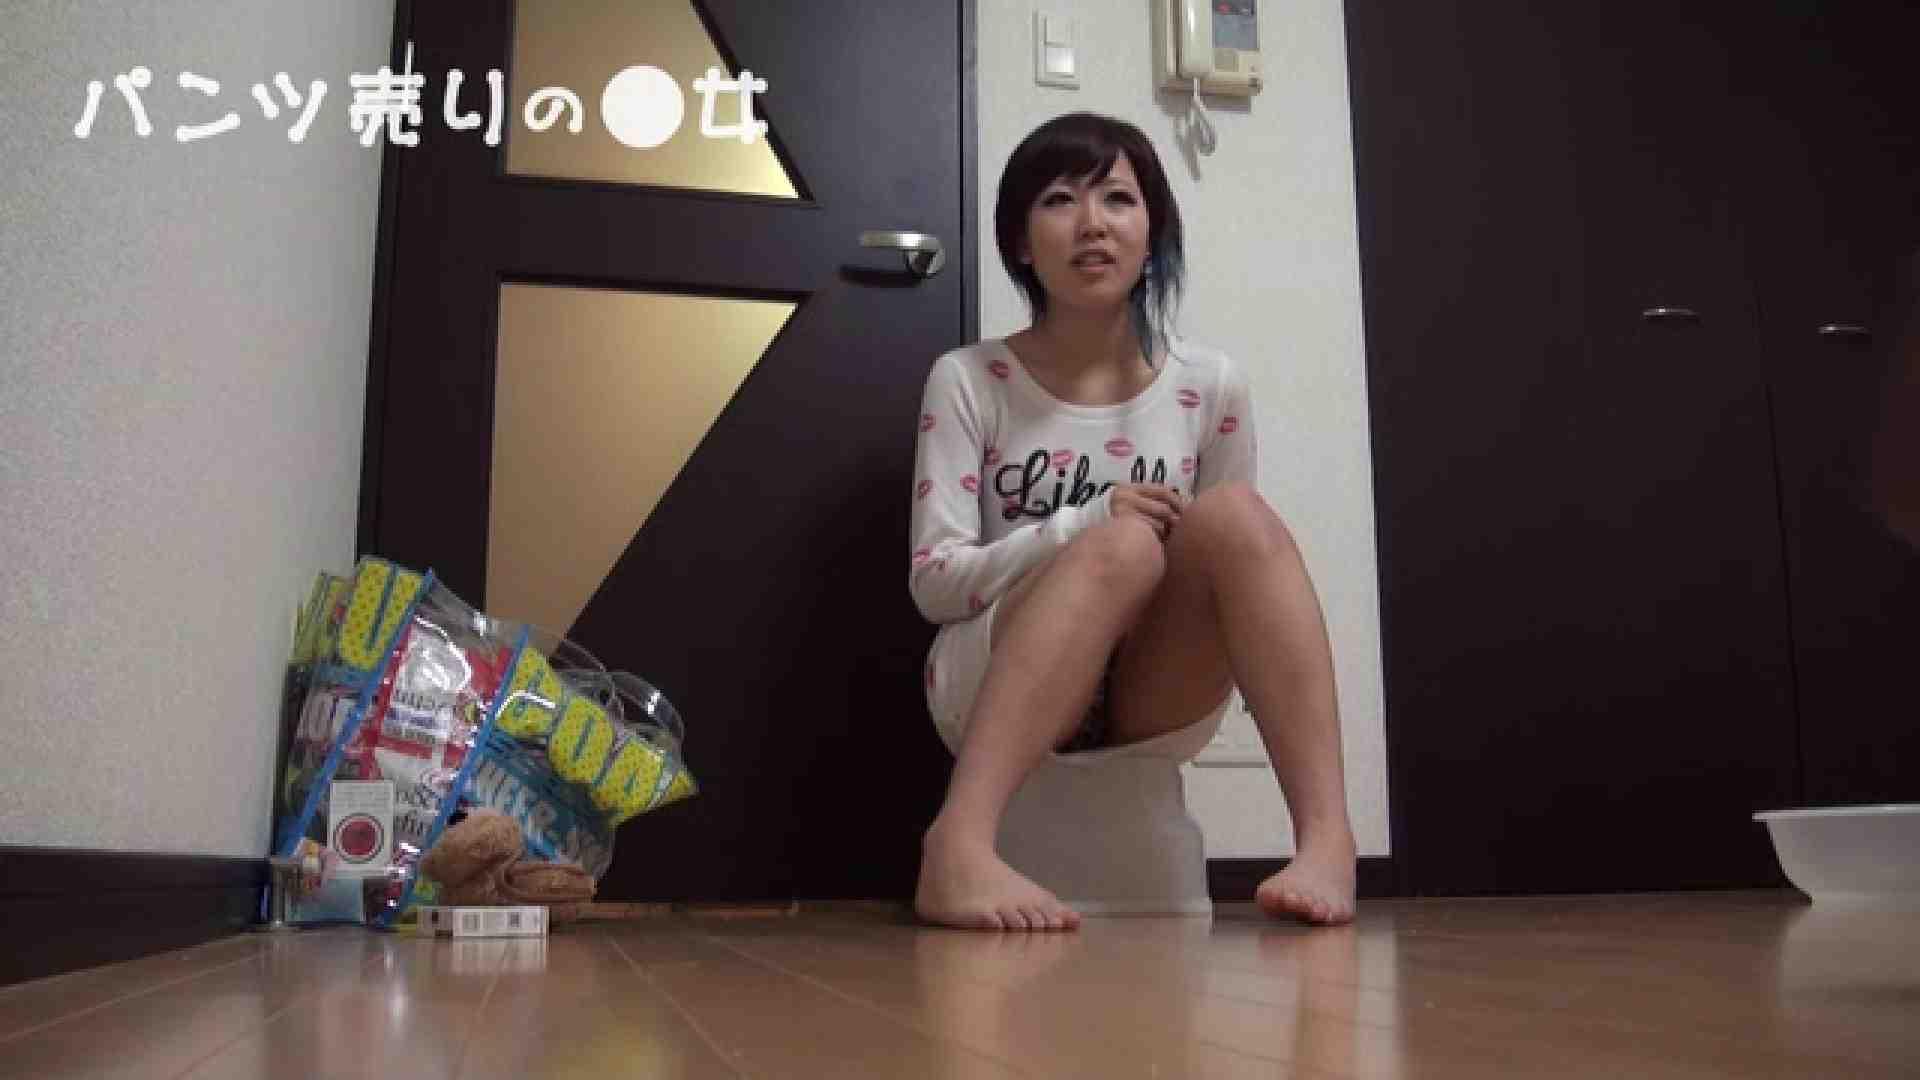 新説 パンツ売りの女の子nana 一般投稿  41連発 20